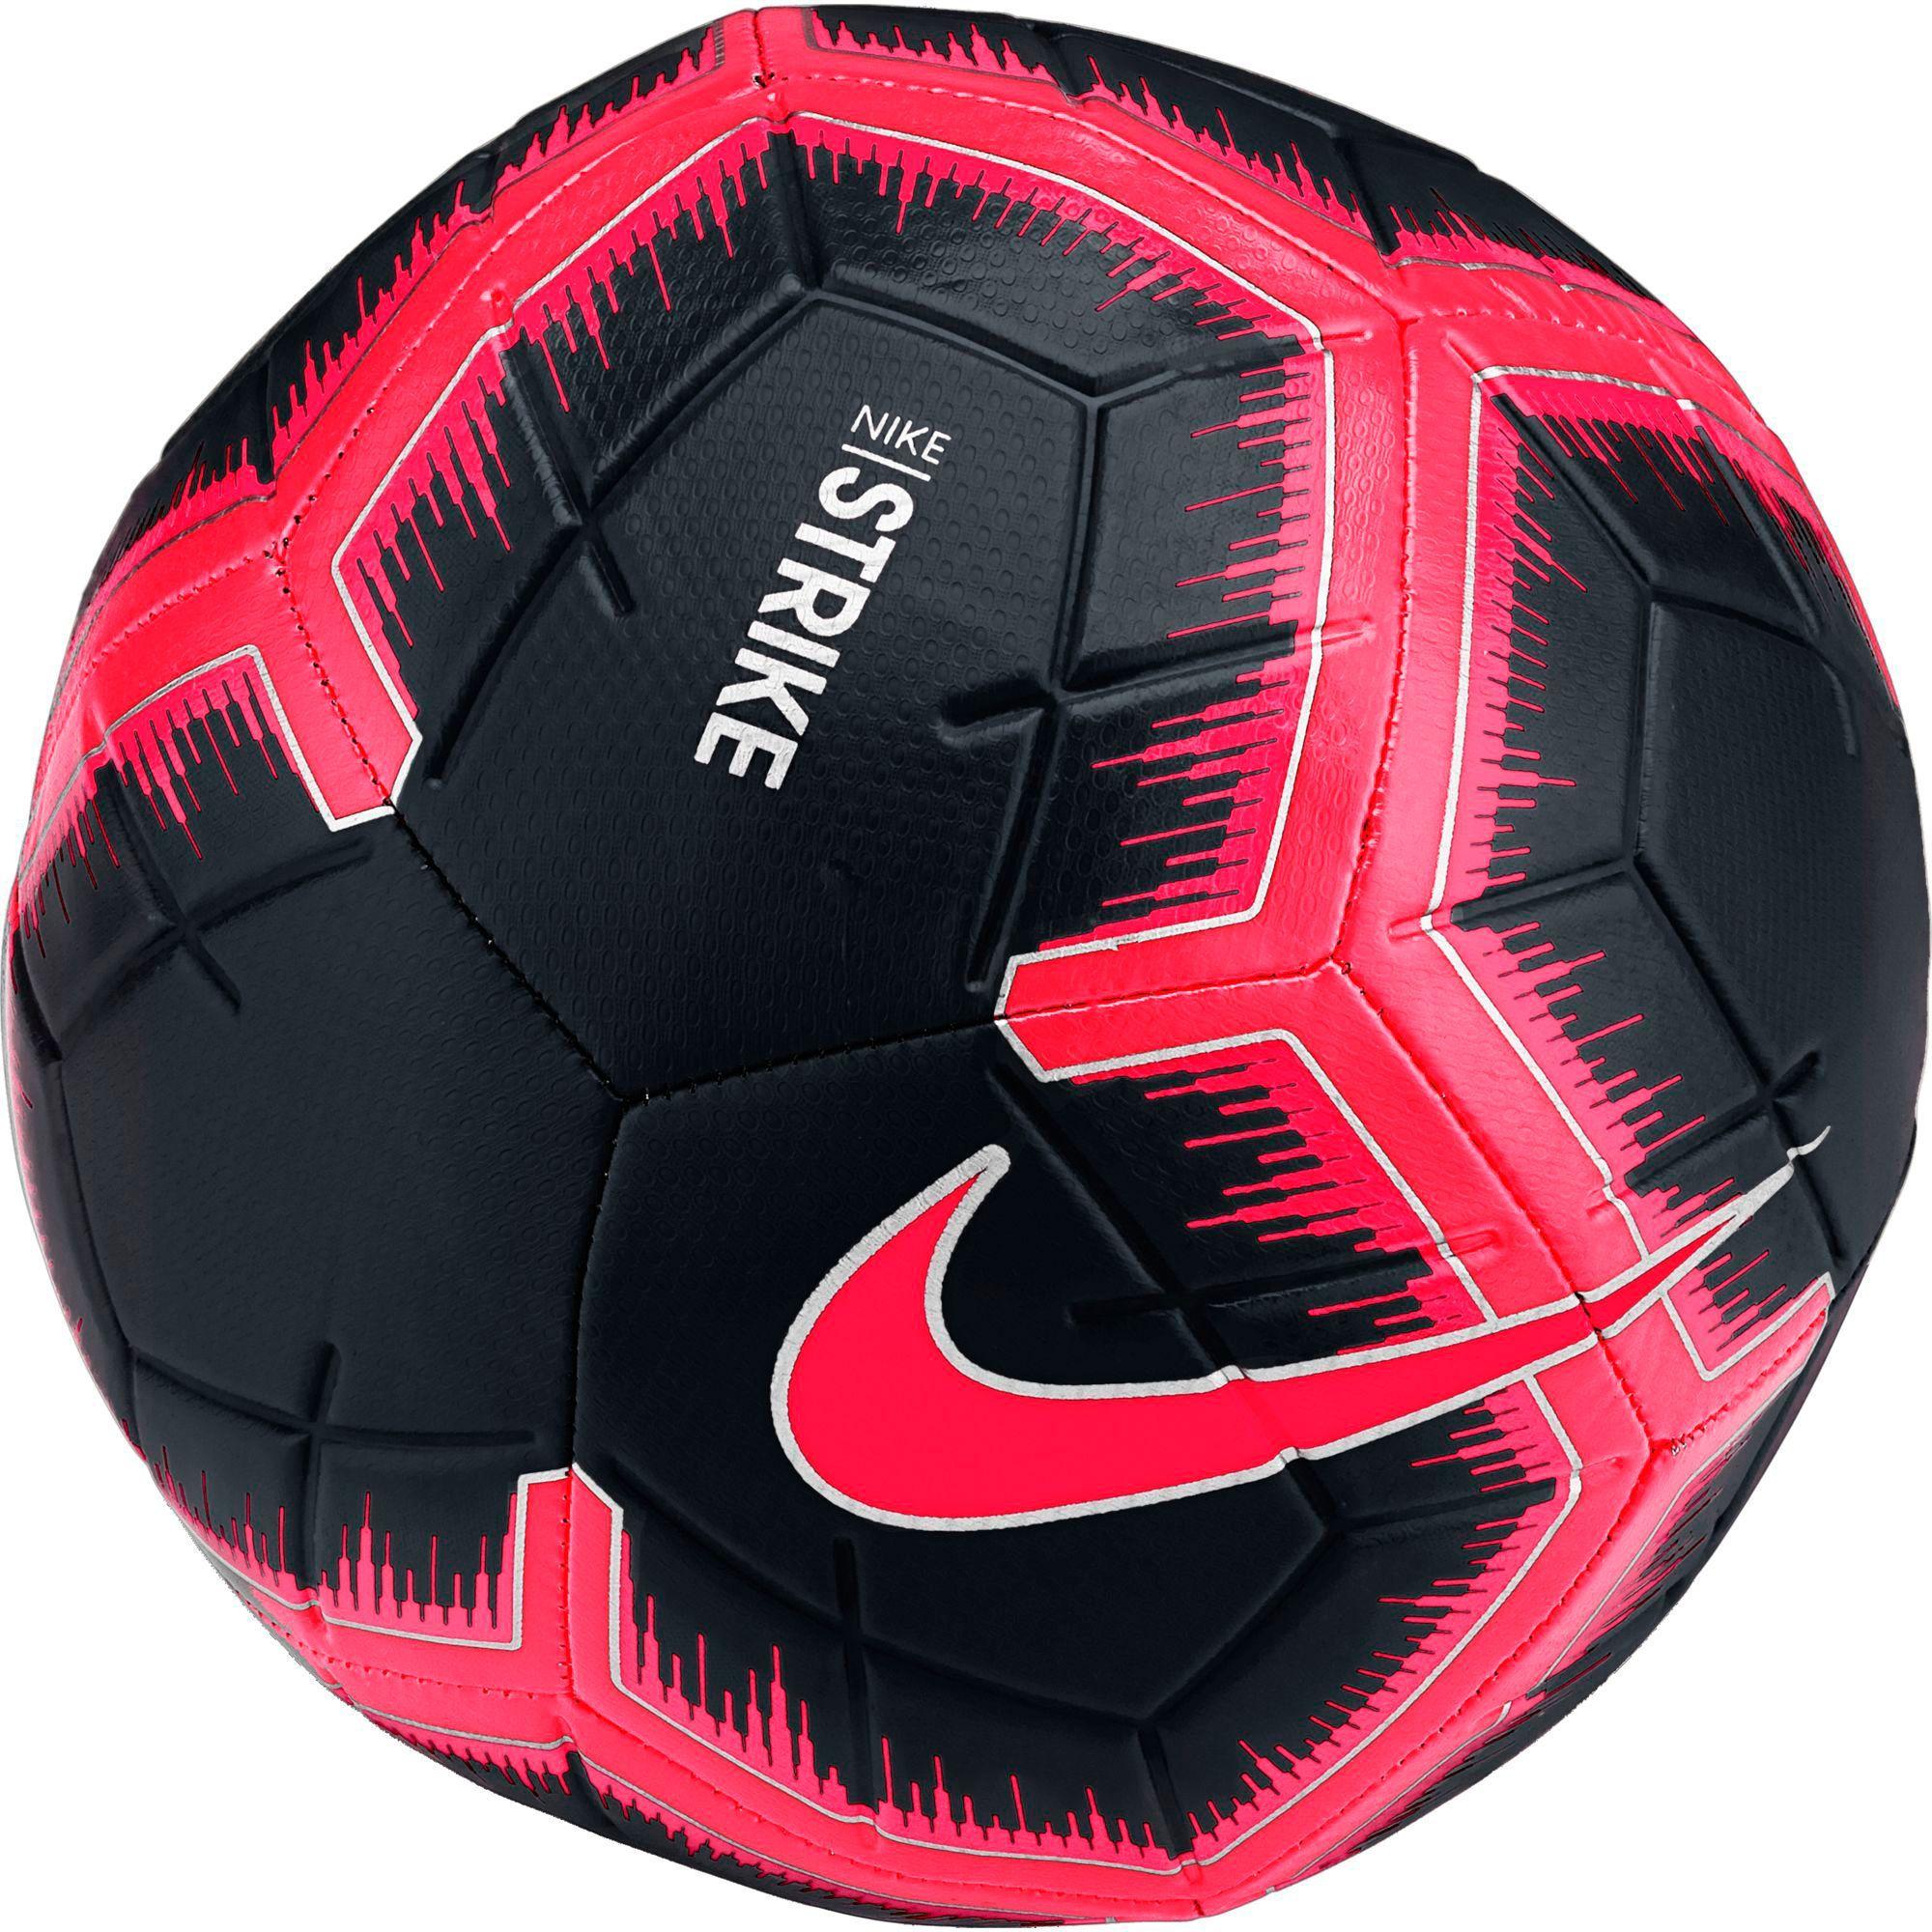 Nike Strike Soccer Ball Black In 2020 Soccer Ball Soccer Soccer Balls